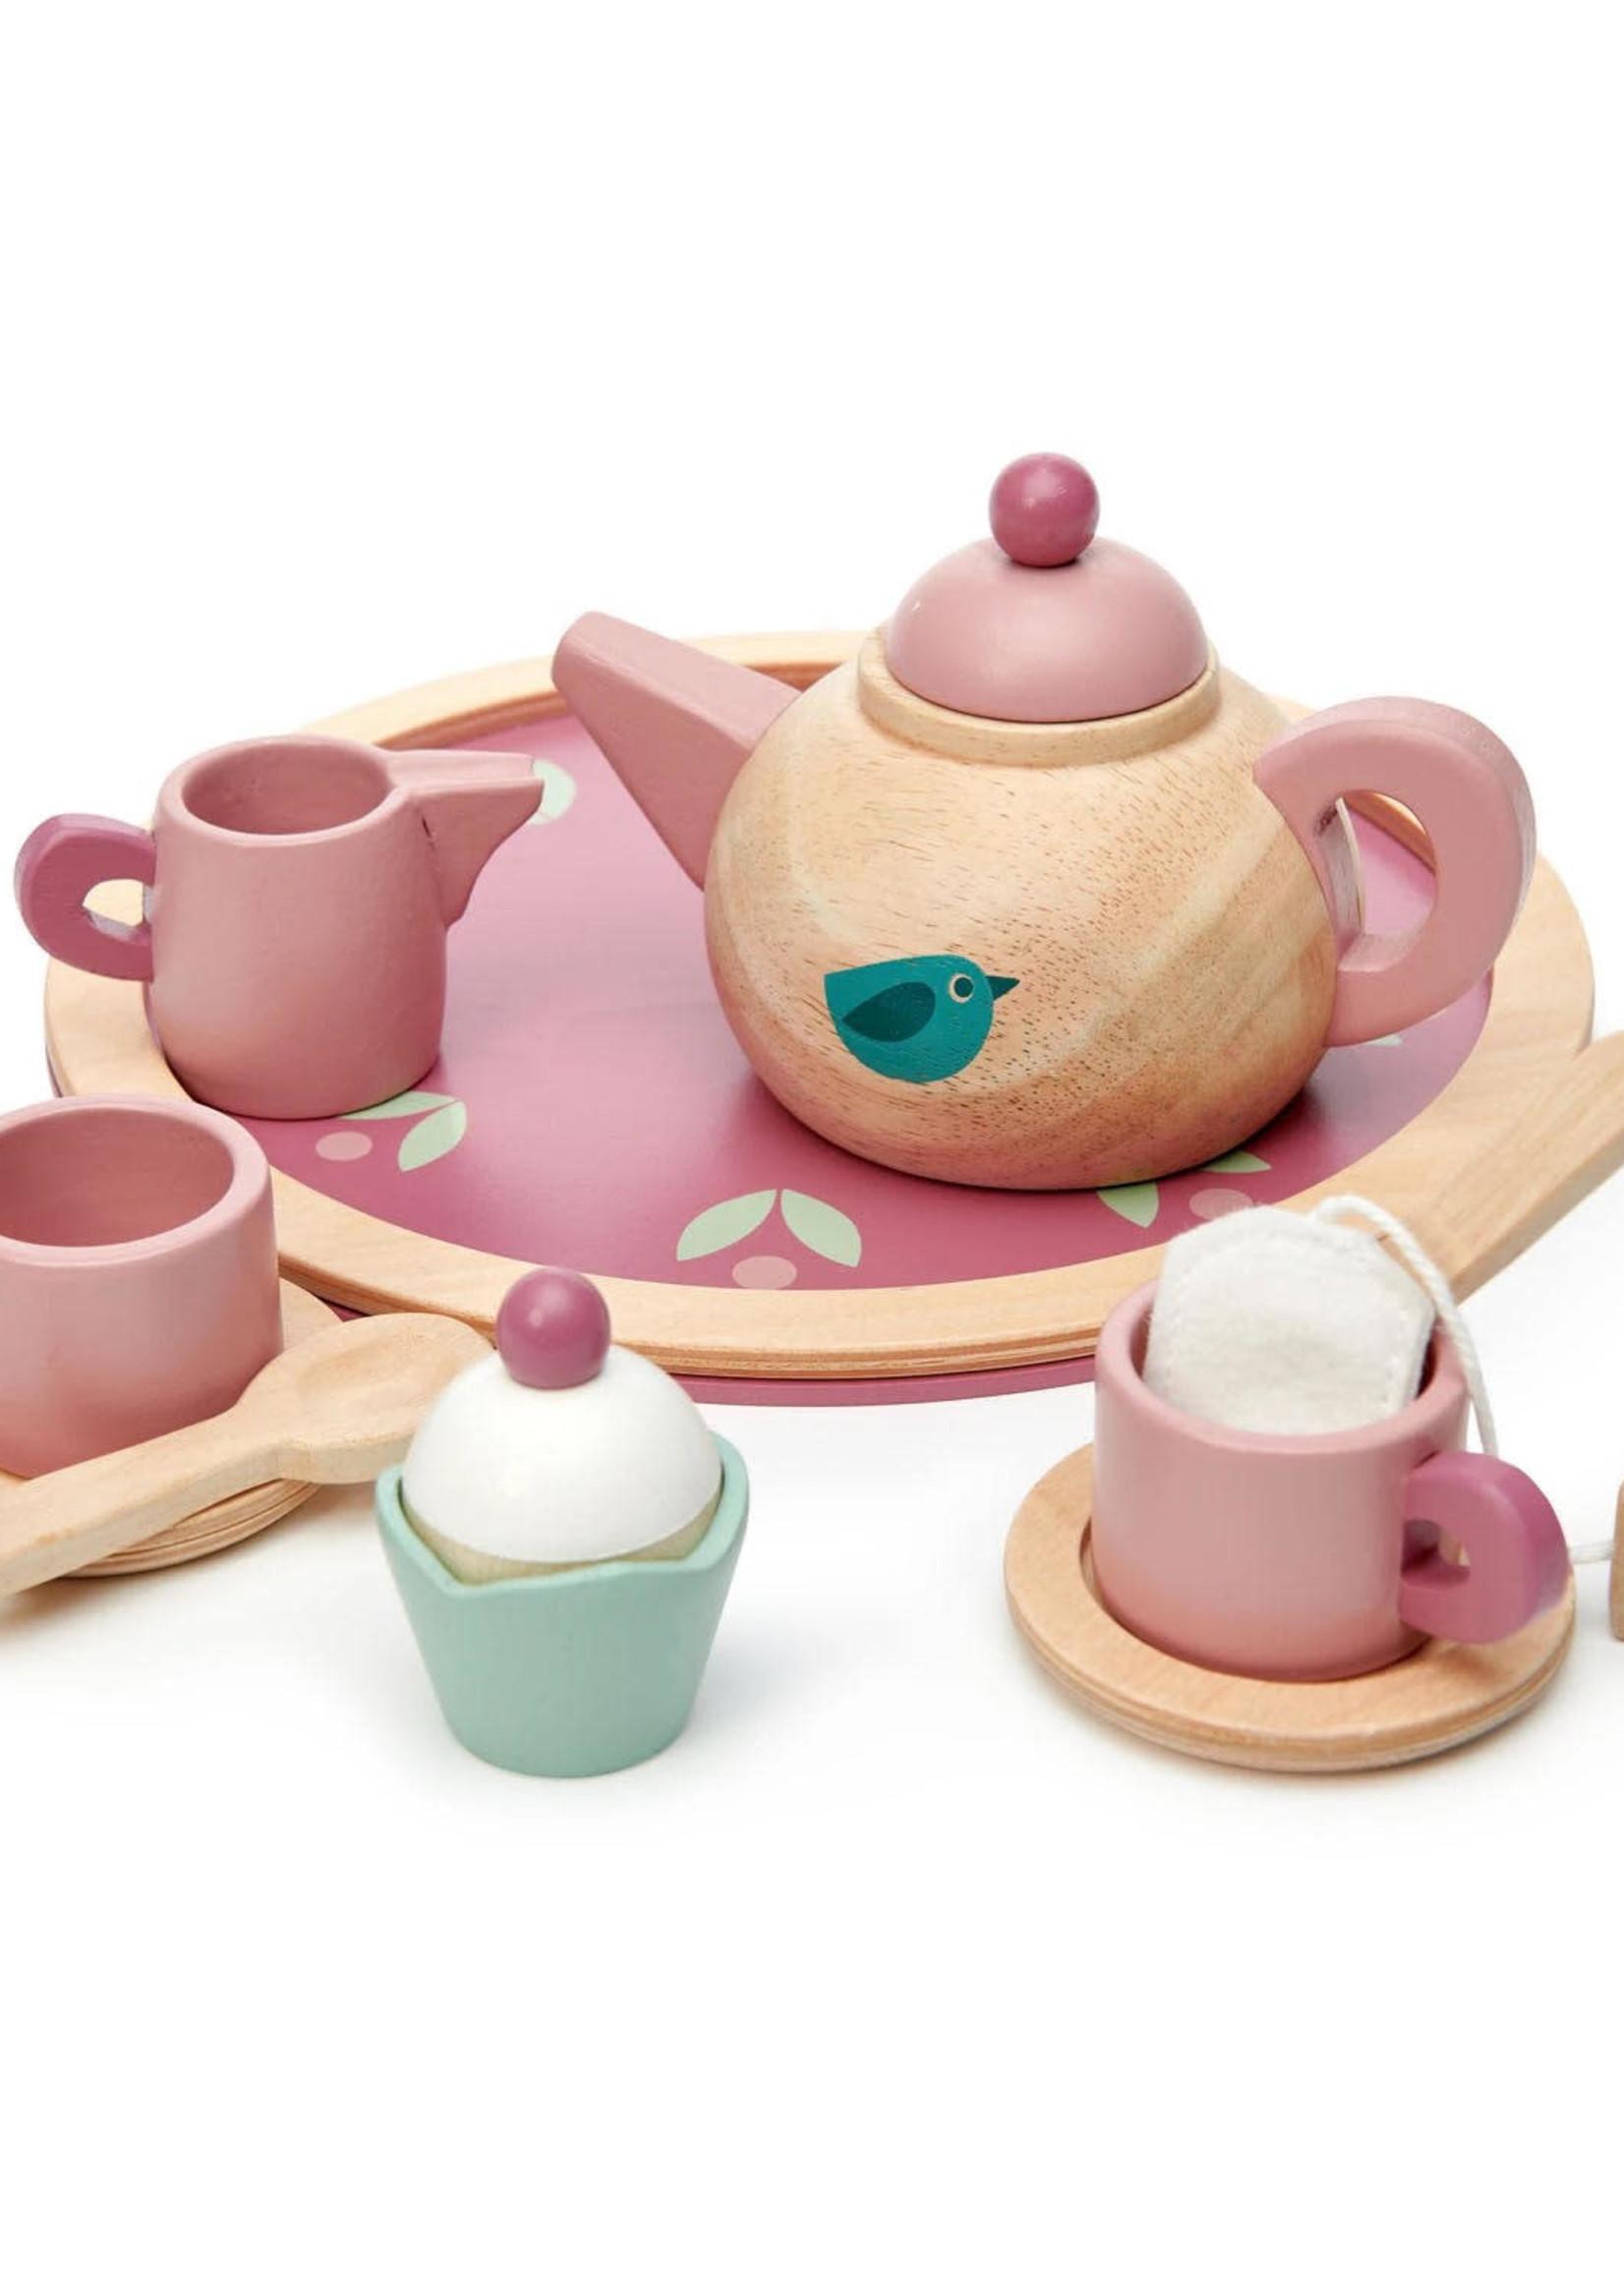 Tender Leaf Toy TLT Birdie Tea Set